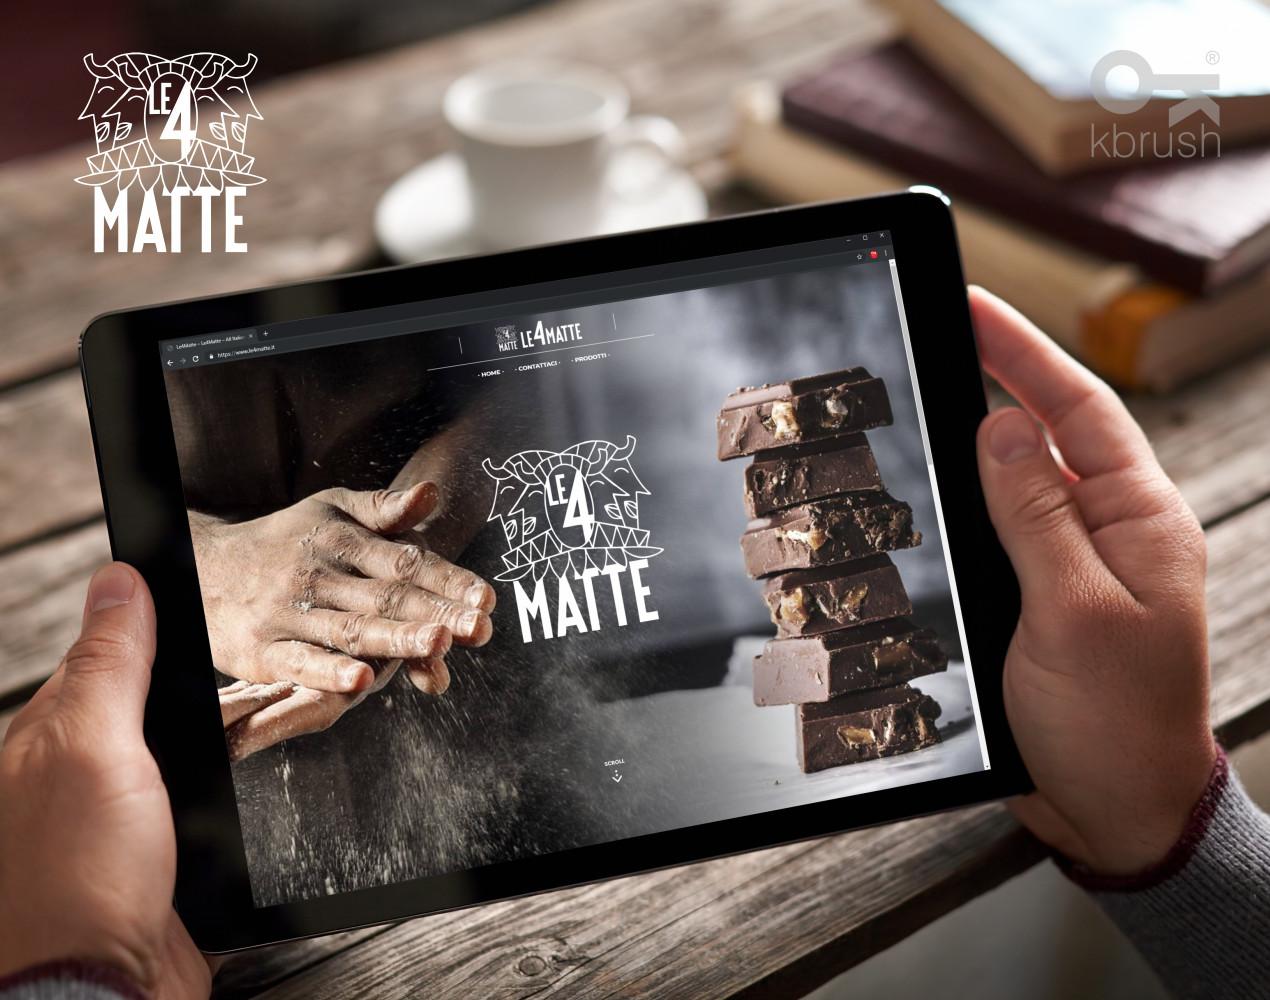 sito web Le4Matte – Kbrush Studio grafico